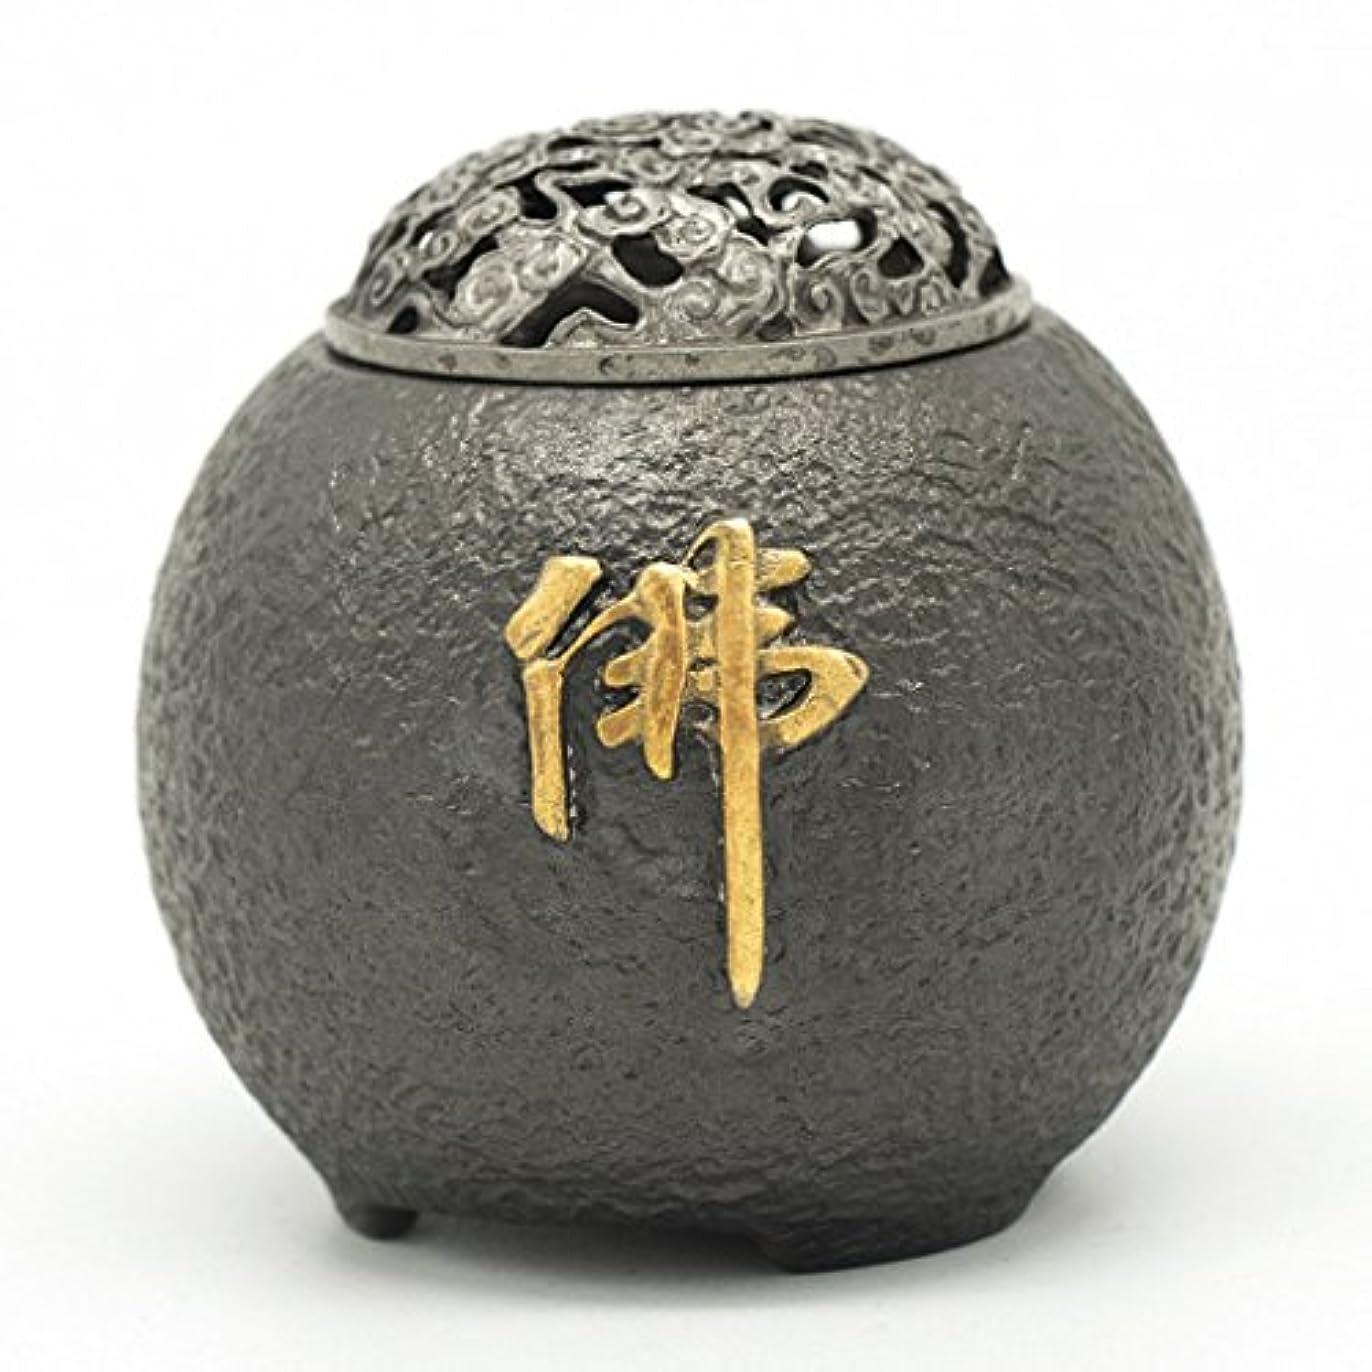 居住者排除ズボン(ラシューバー) Lasuiveur 陶磁器 香炉 香立て 線香立て お香立て